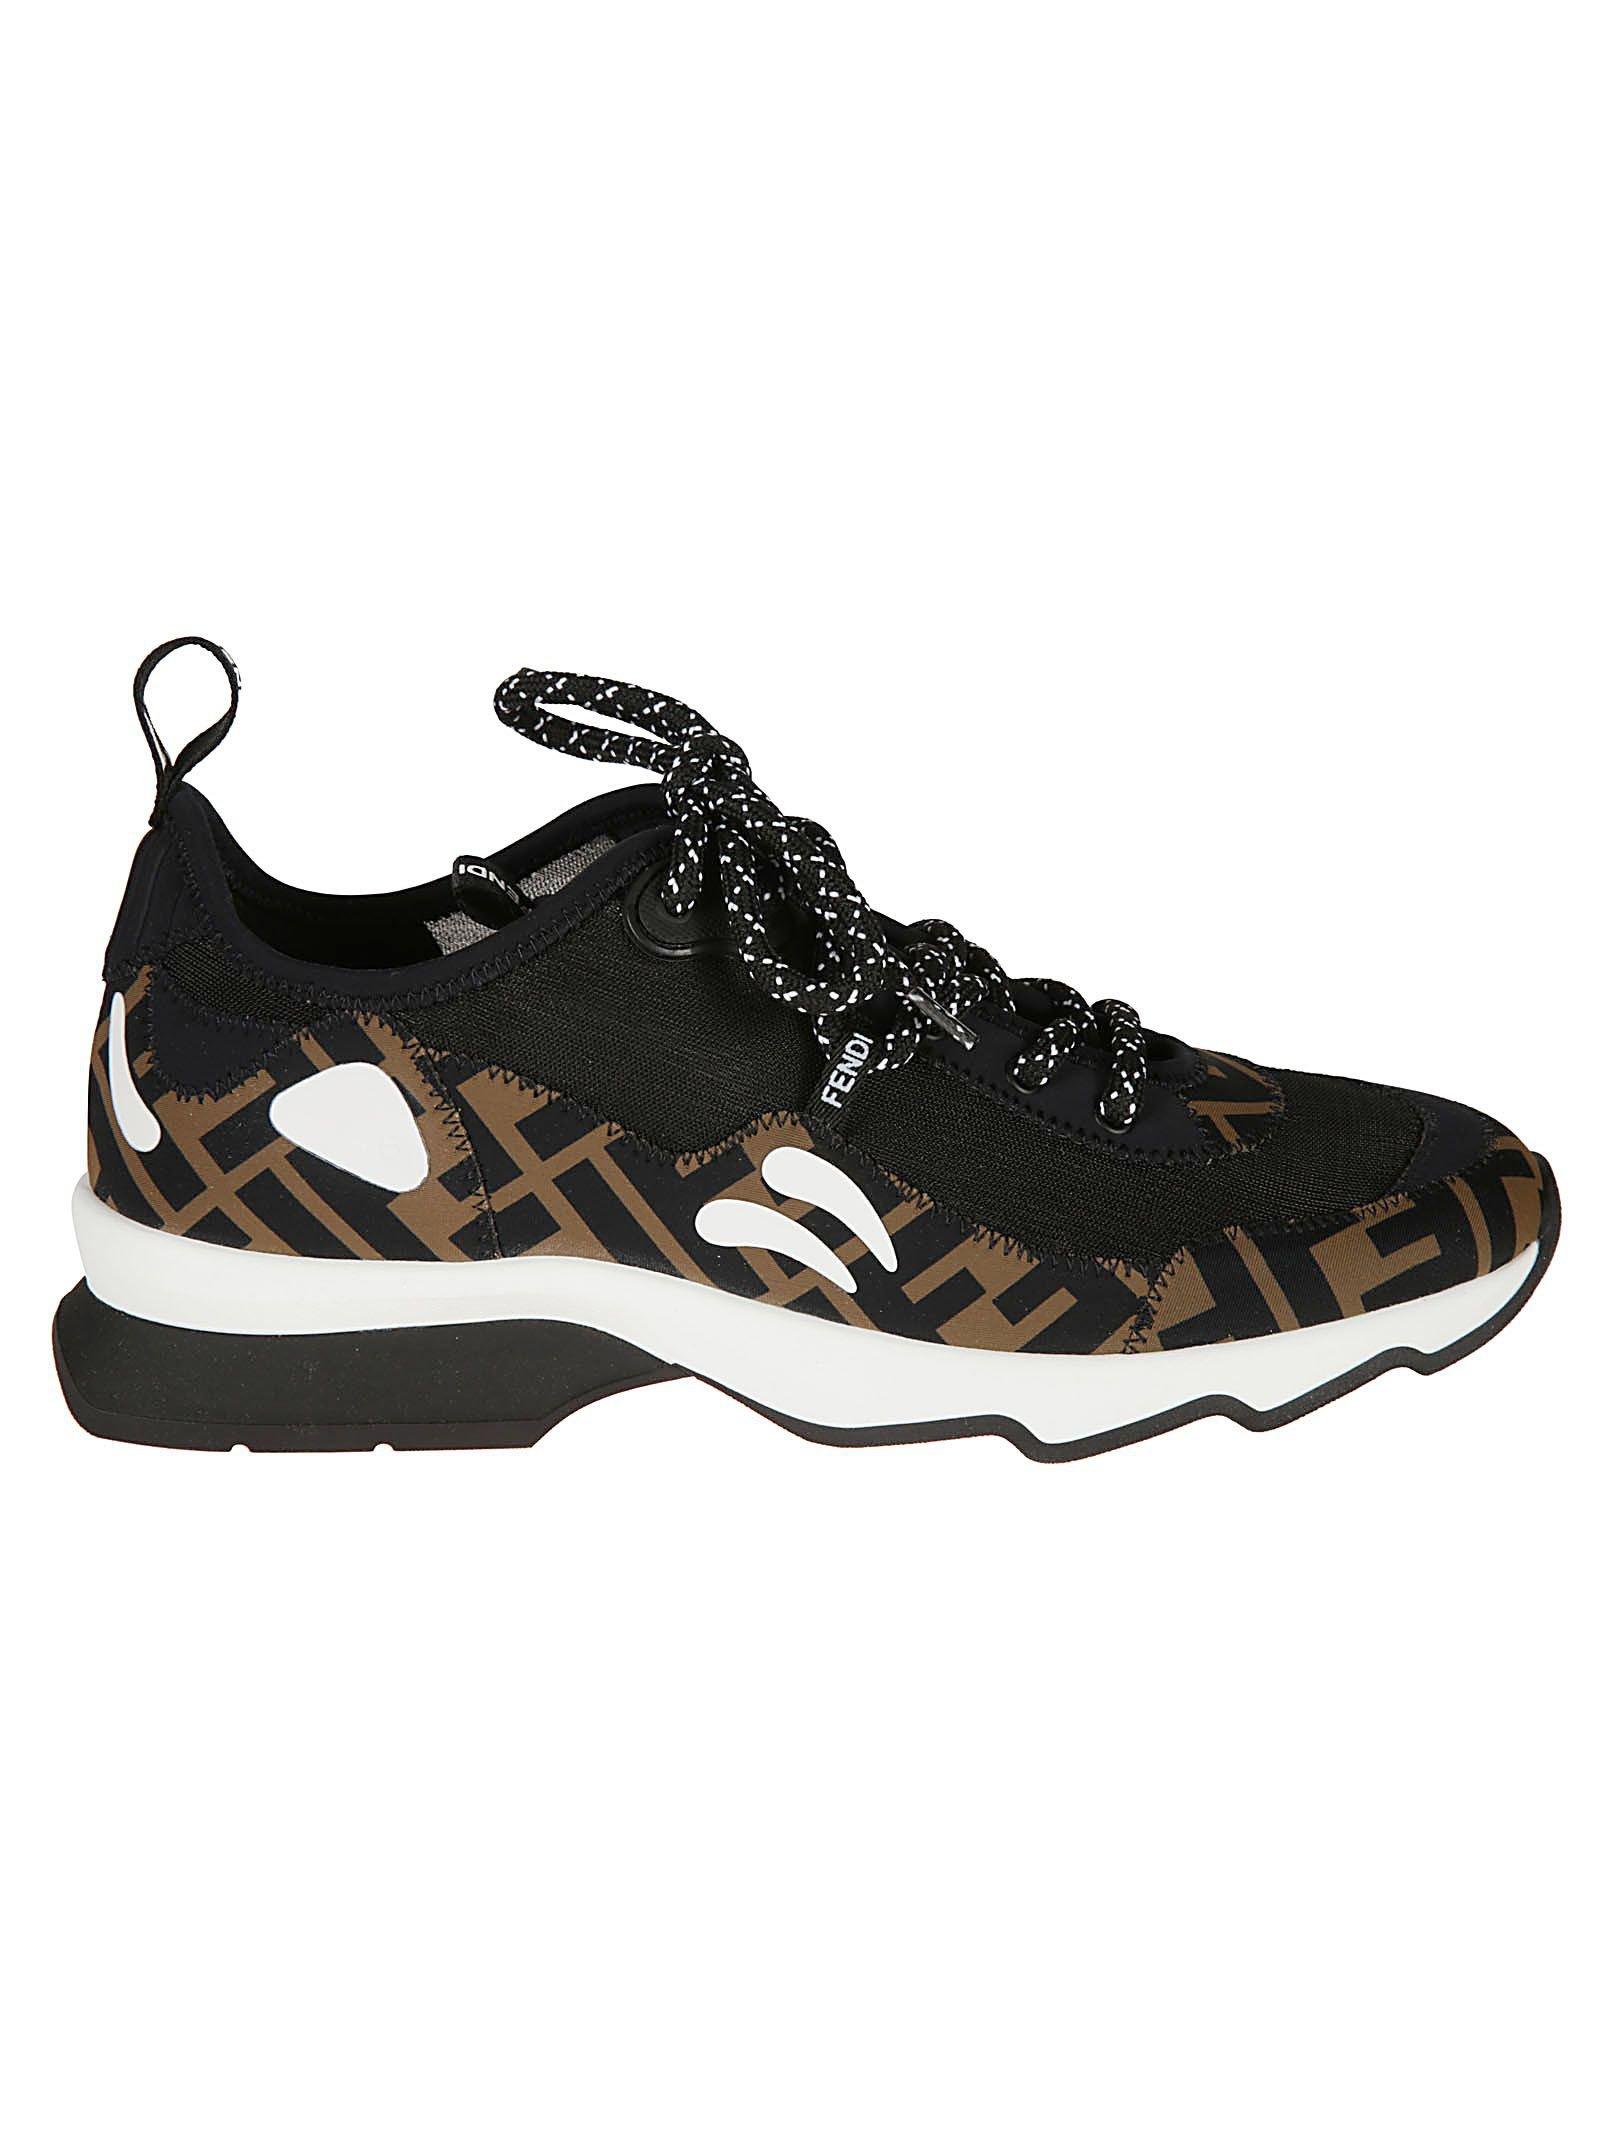 Fendi Ff Low Top Sneakers